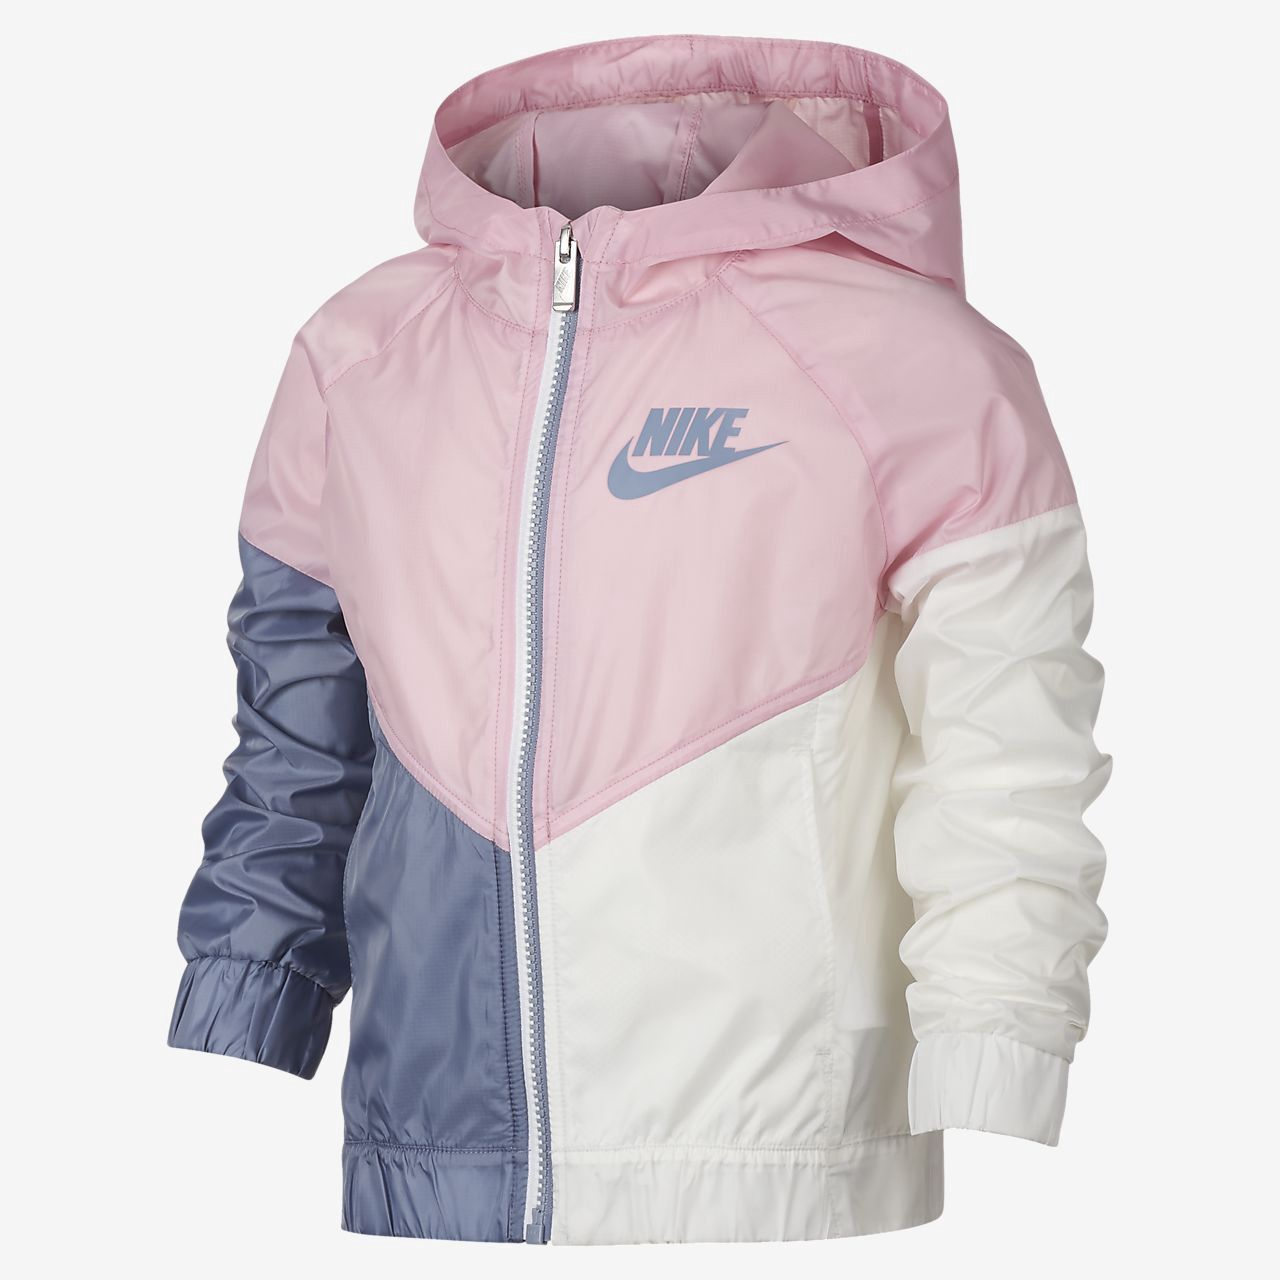 new styles 8a26c c68ec Nike Sportswear Windrunner Little Kids  Jacket - 6X